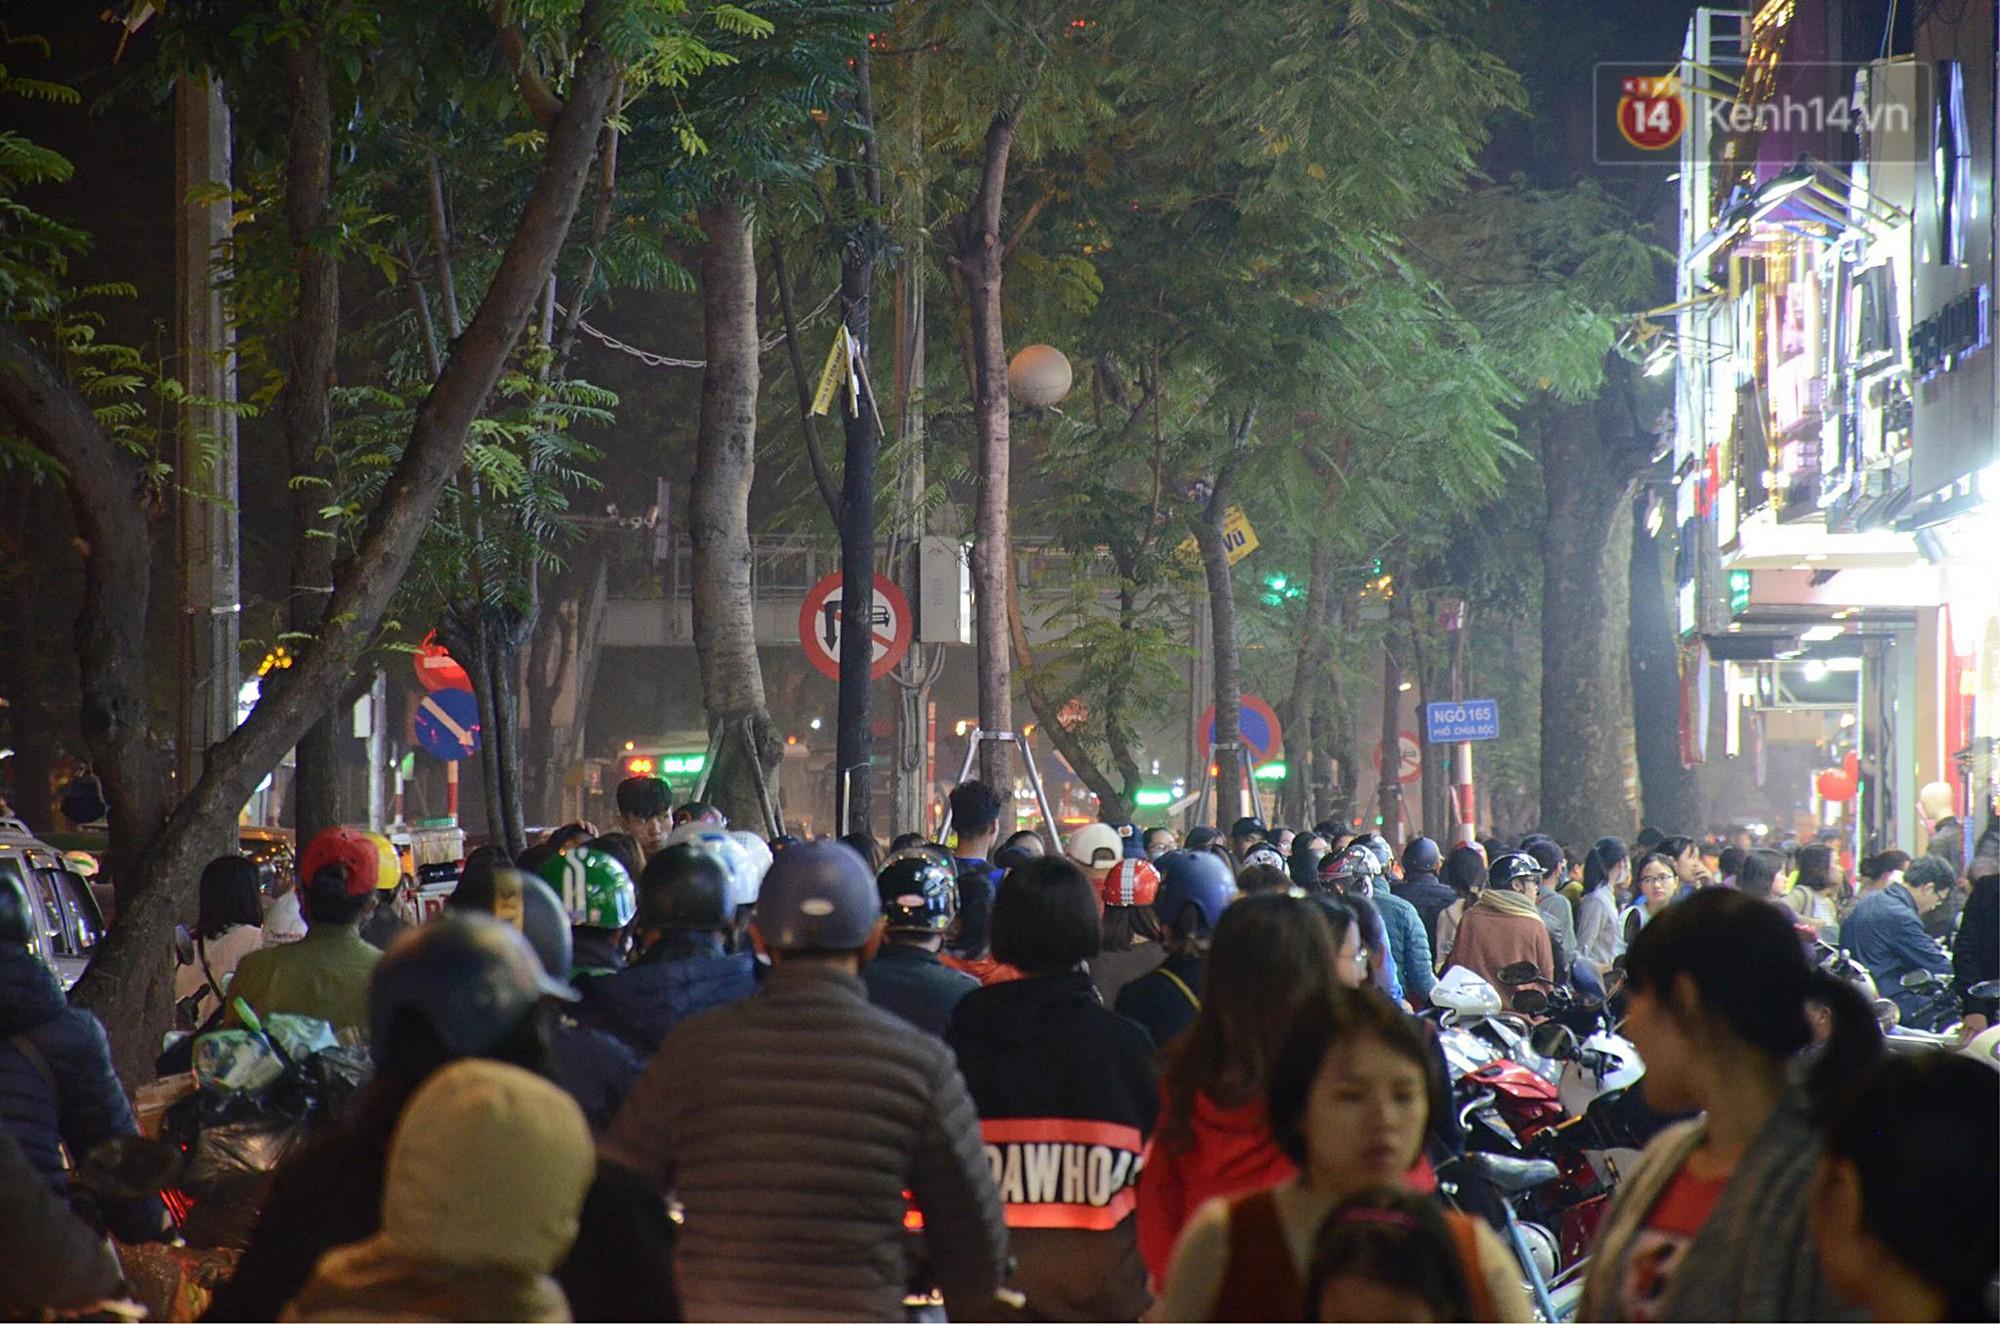 Tối ngày Black Friday ở Hà Nội: Đường phố tắc nghẽn vì bão sale chưa hạ nhiệt - Ảnh 17.